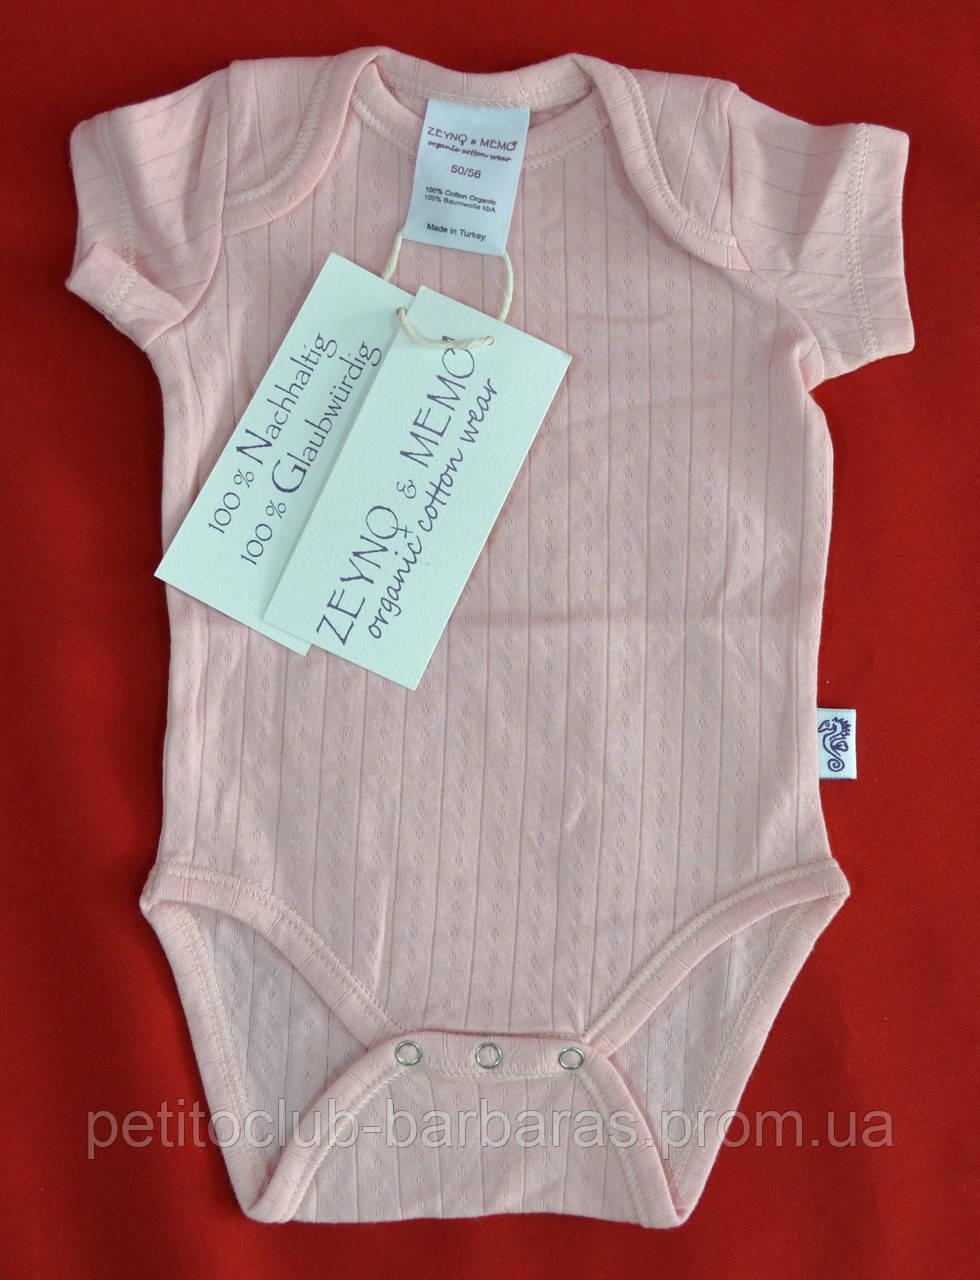 Боди с коротким рукавом розовый (Z&M, Турция)